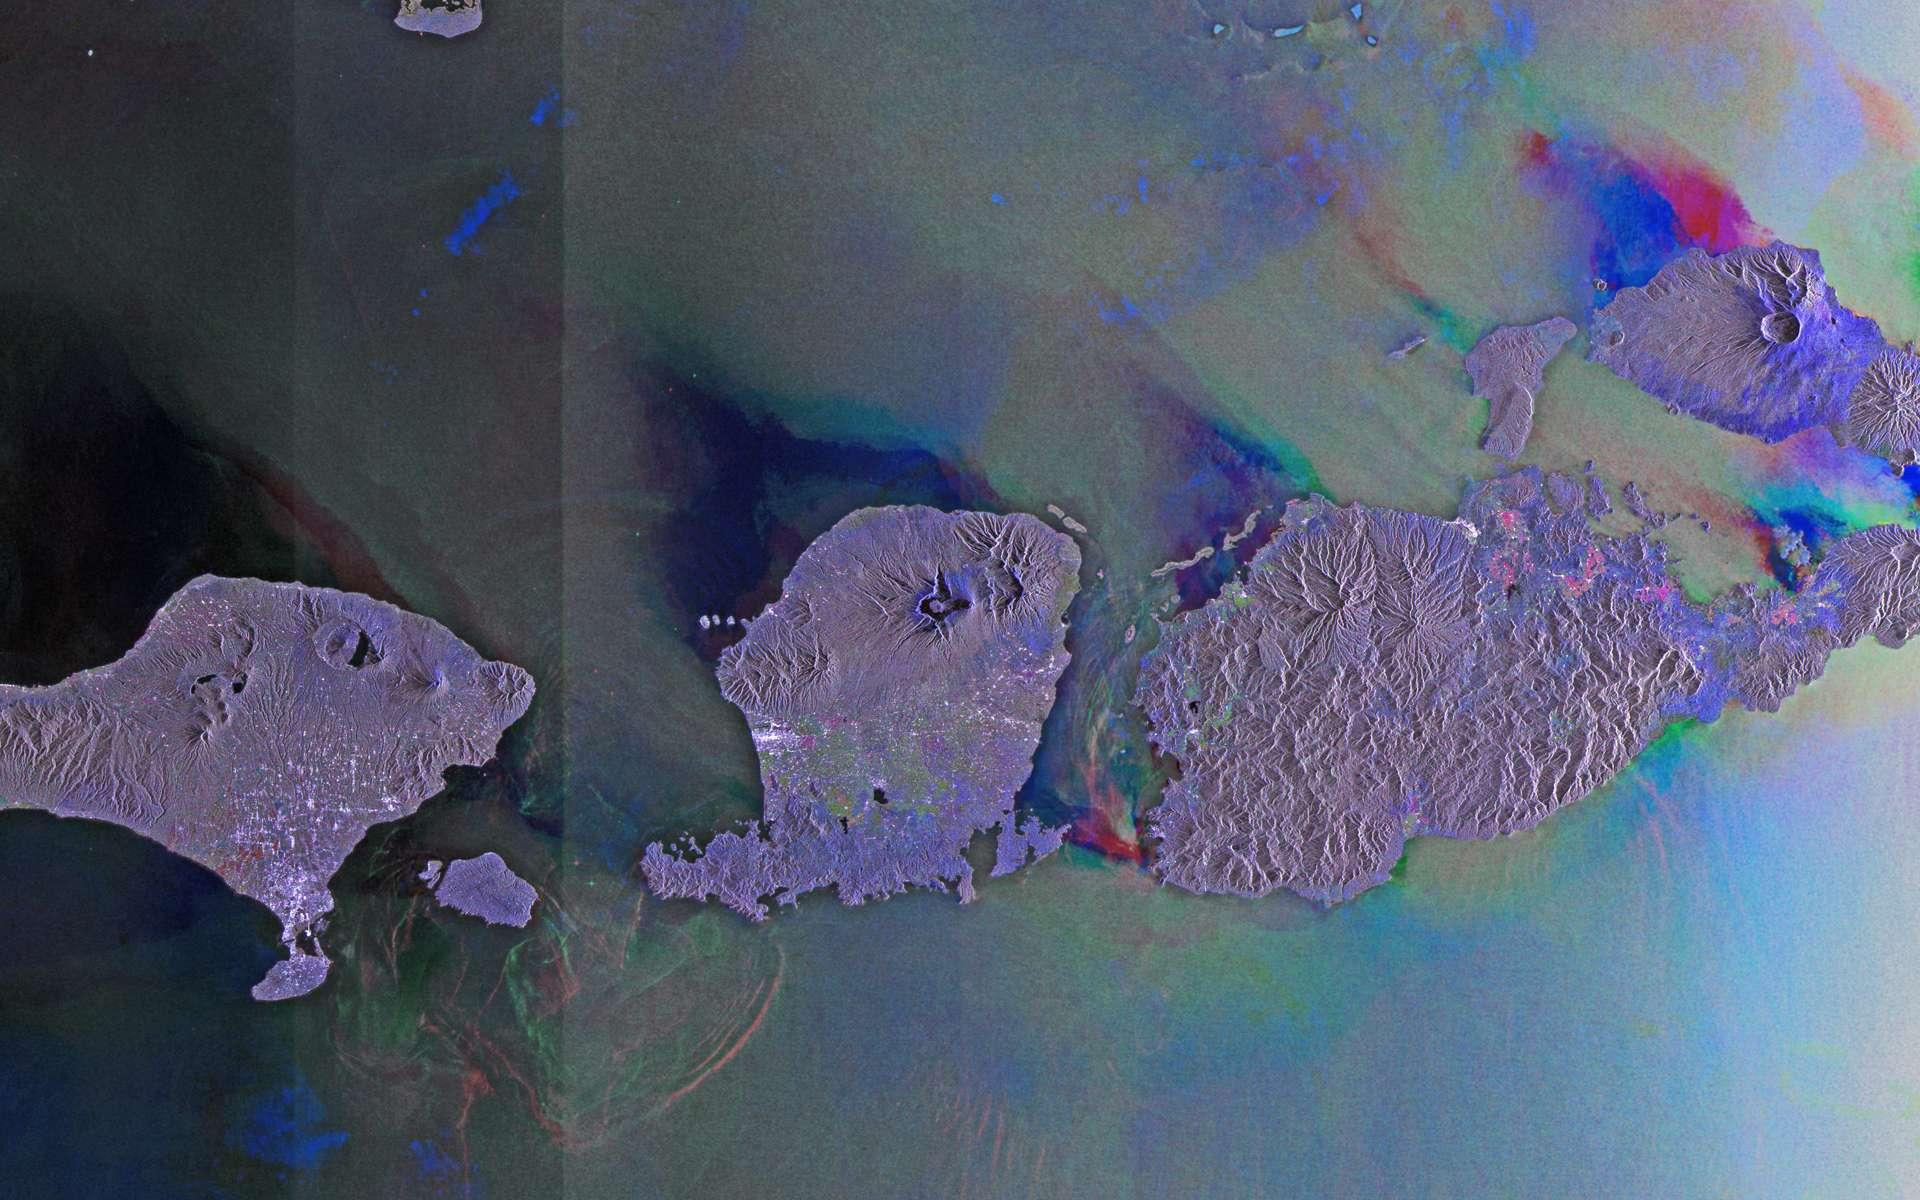 Cette image est une compilation de trois passages du radar d'Envisat les 20 juin, 19 août et 17 décembre 2011. Une couleur a été attribuée à chaque passage (rouge, vert et bleu) et c'est leur combinaison qui a donné cette vue. Les couleurs y révèlent les changements intervenus à la surface entre les passages d'Envisat. © Esa